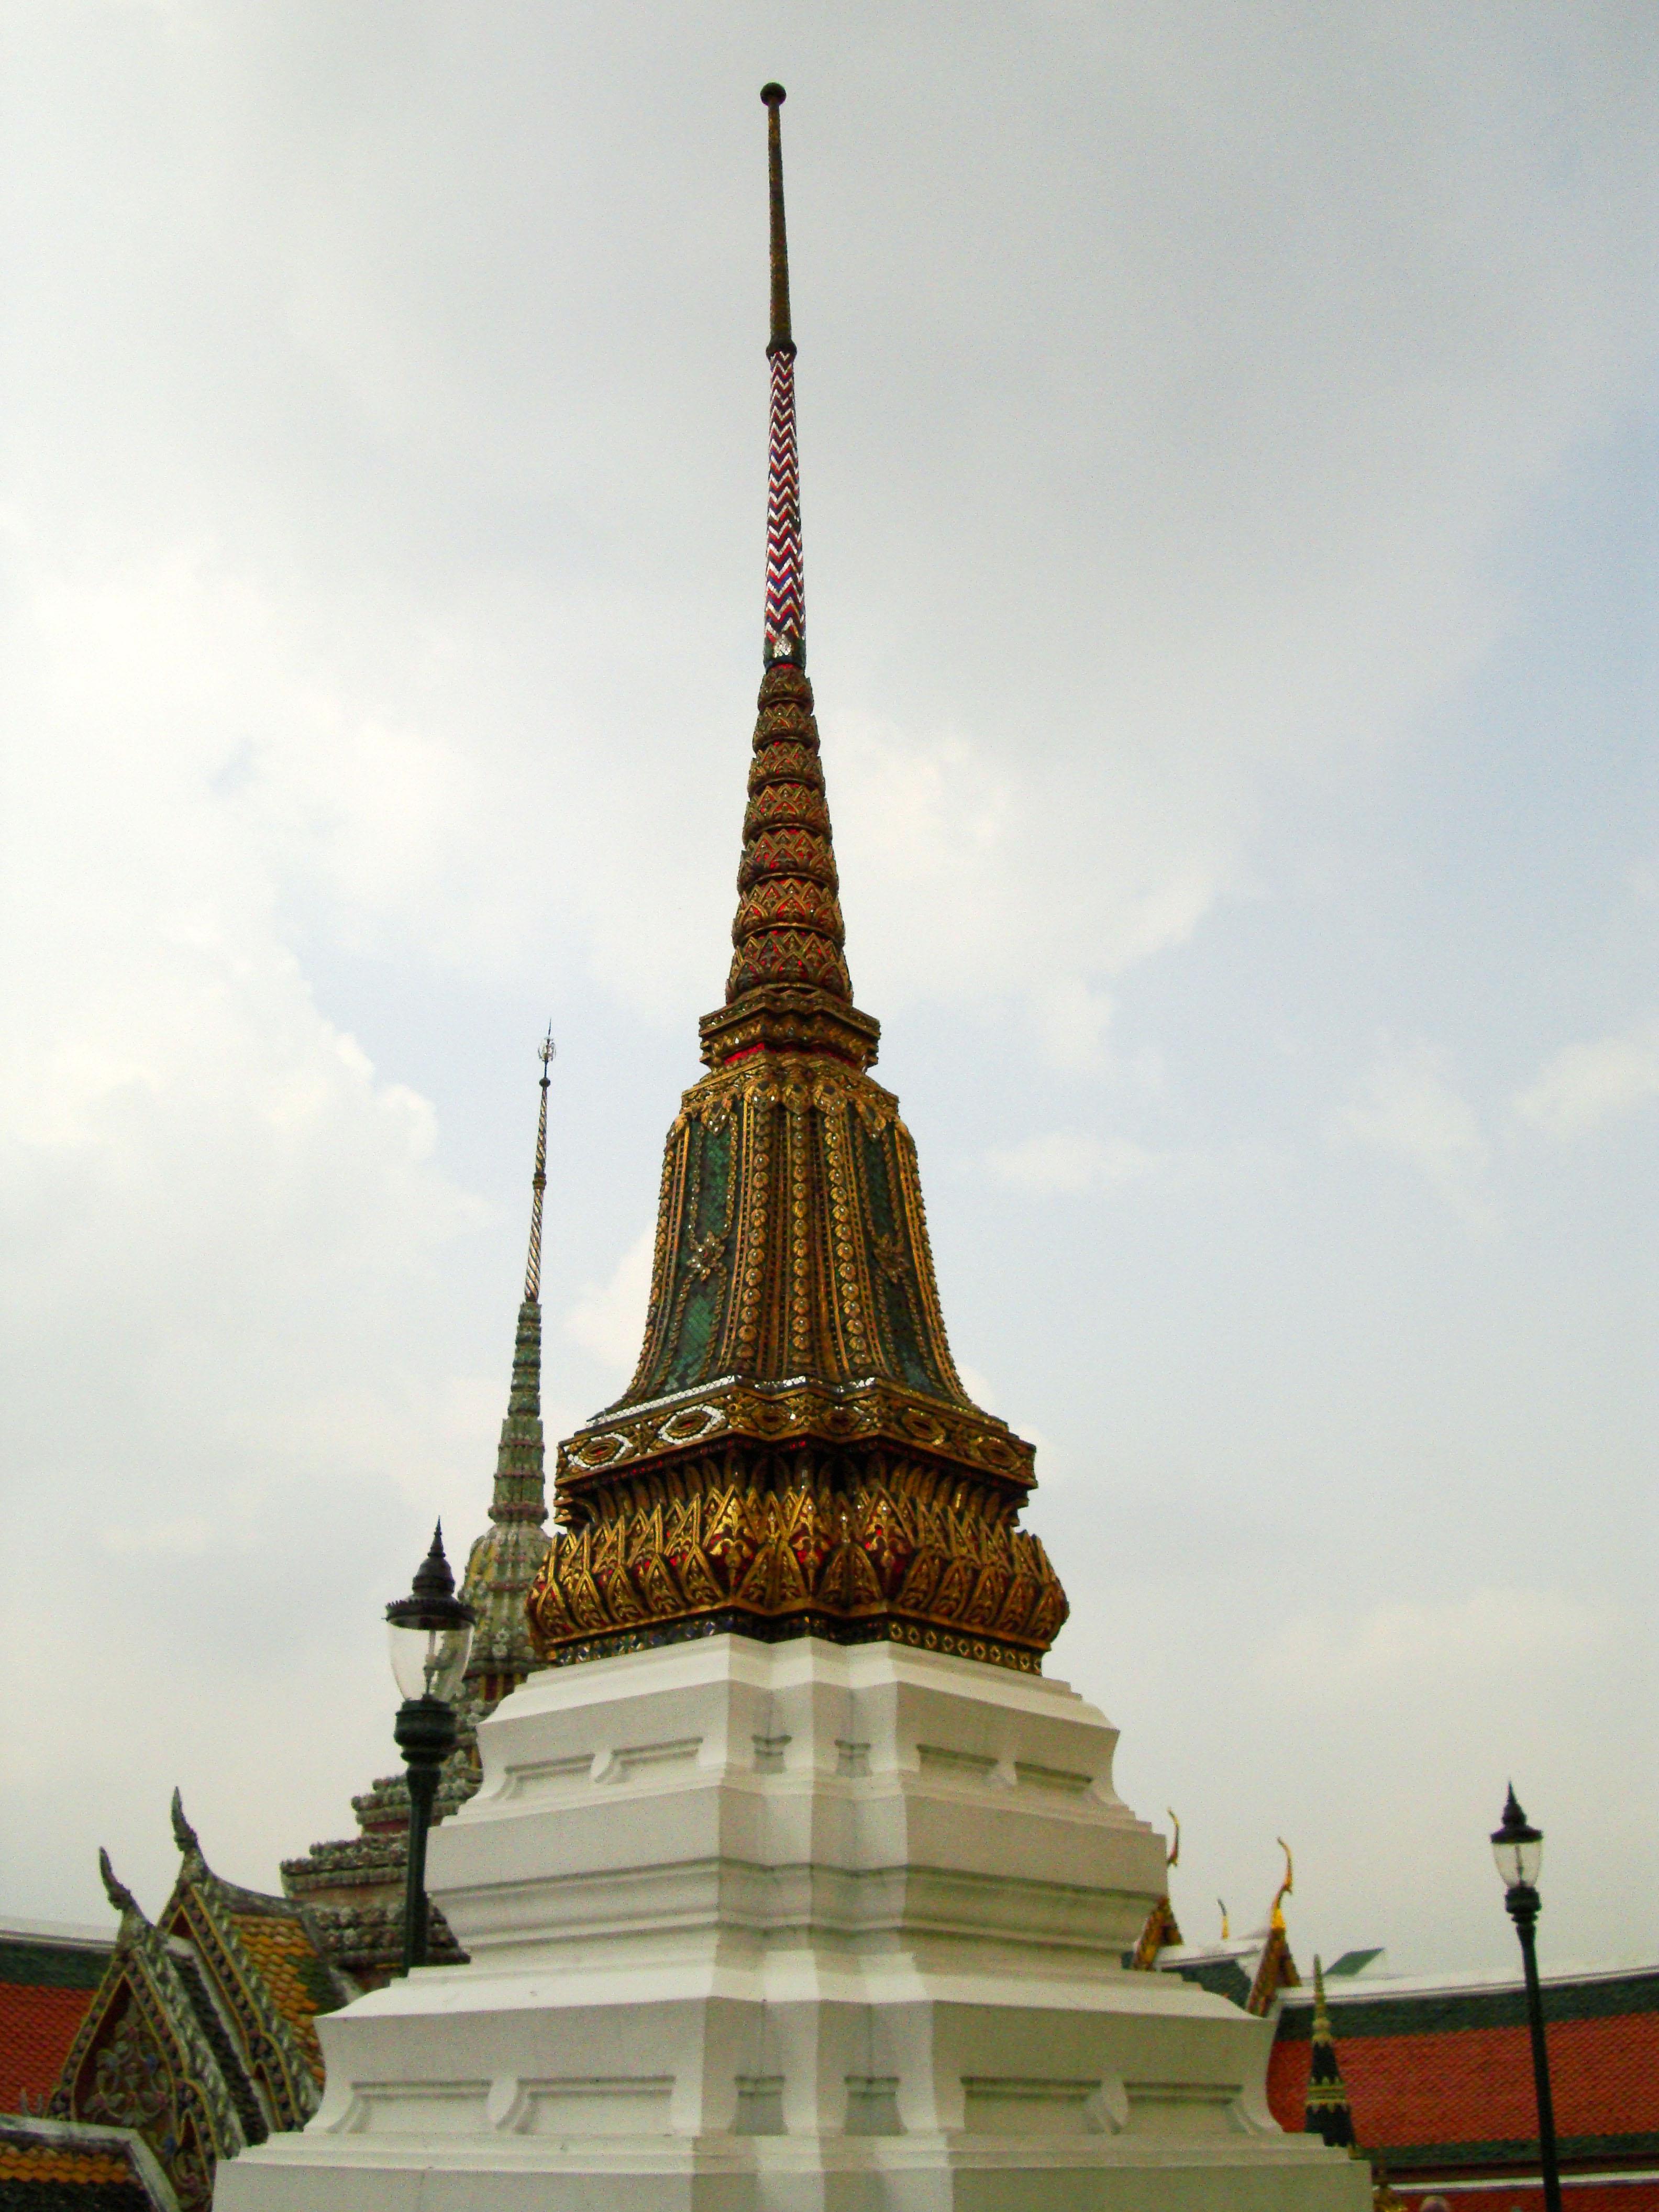 Grand Palace Phra Borom Maha Ratcha Wang Bangkok Thailand 26